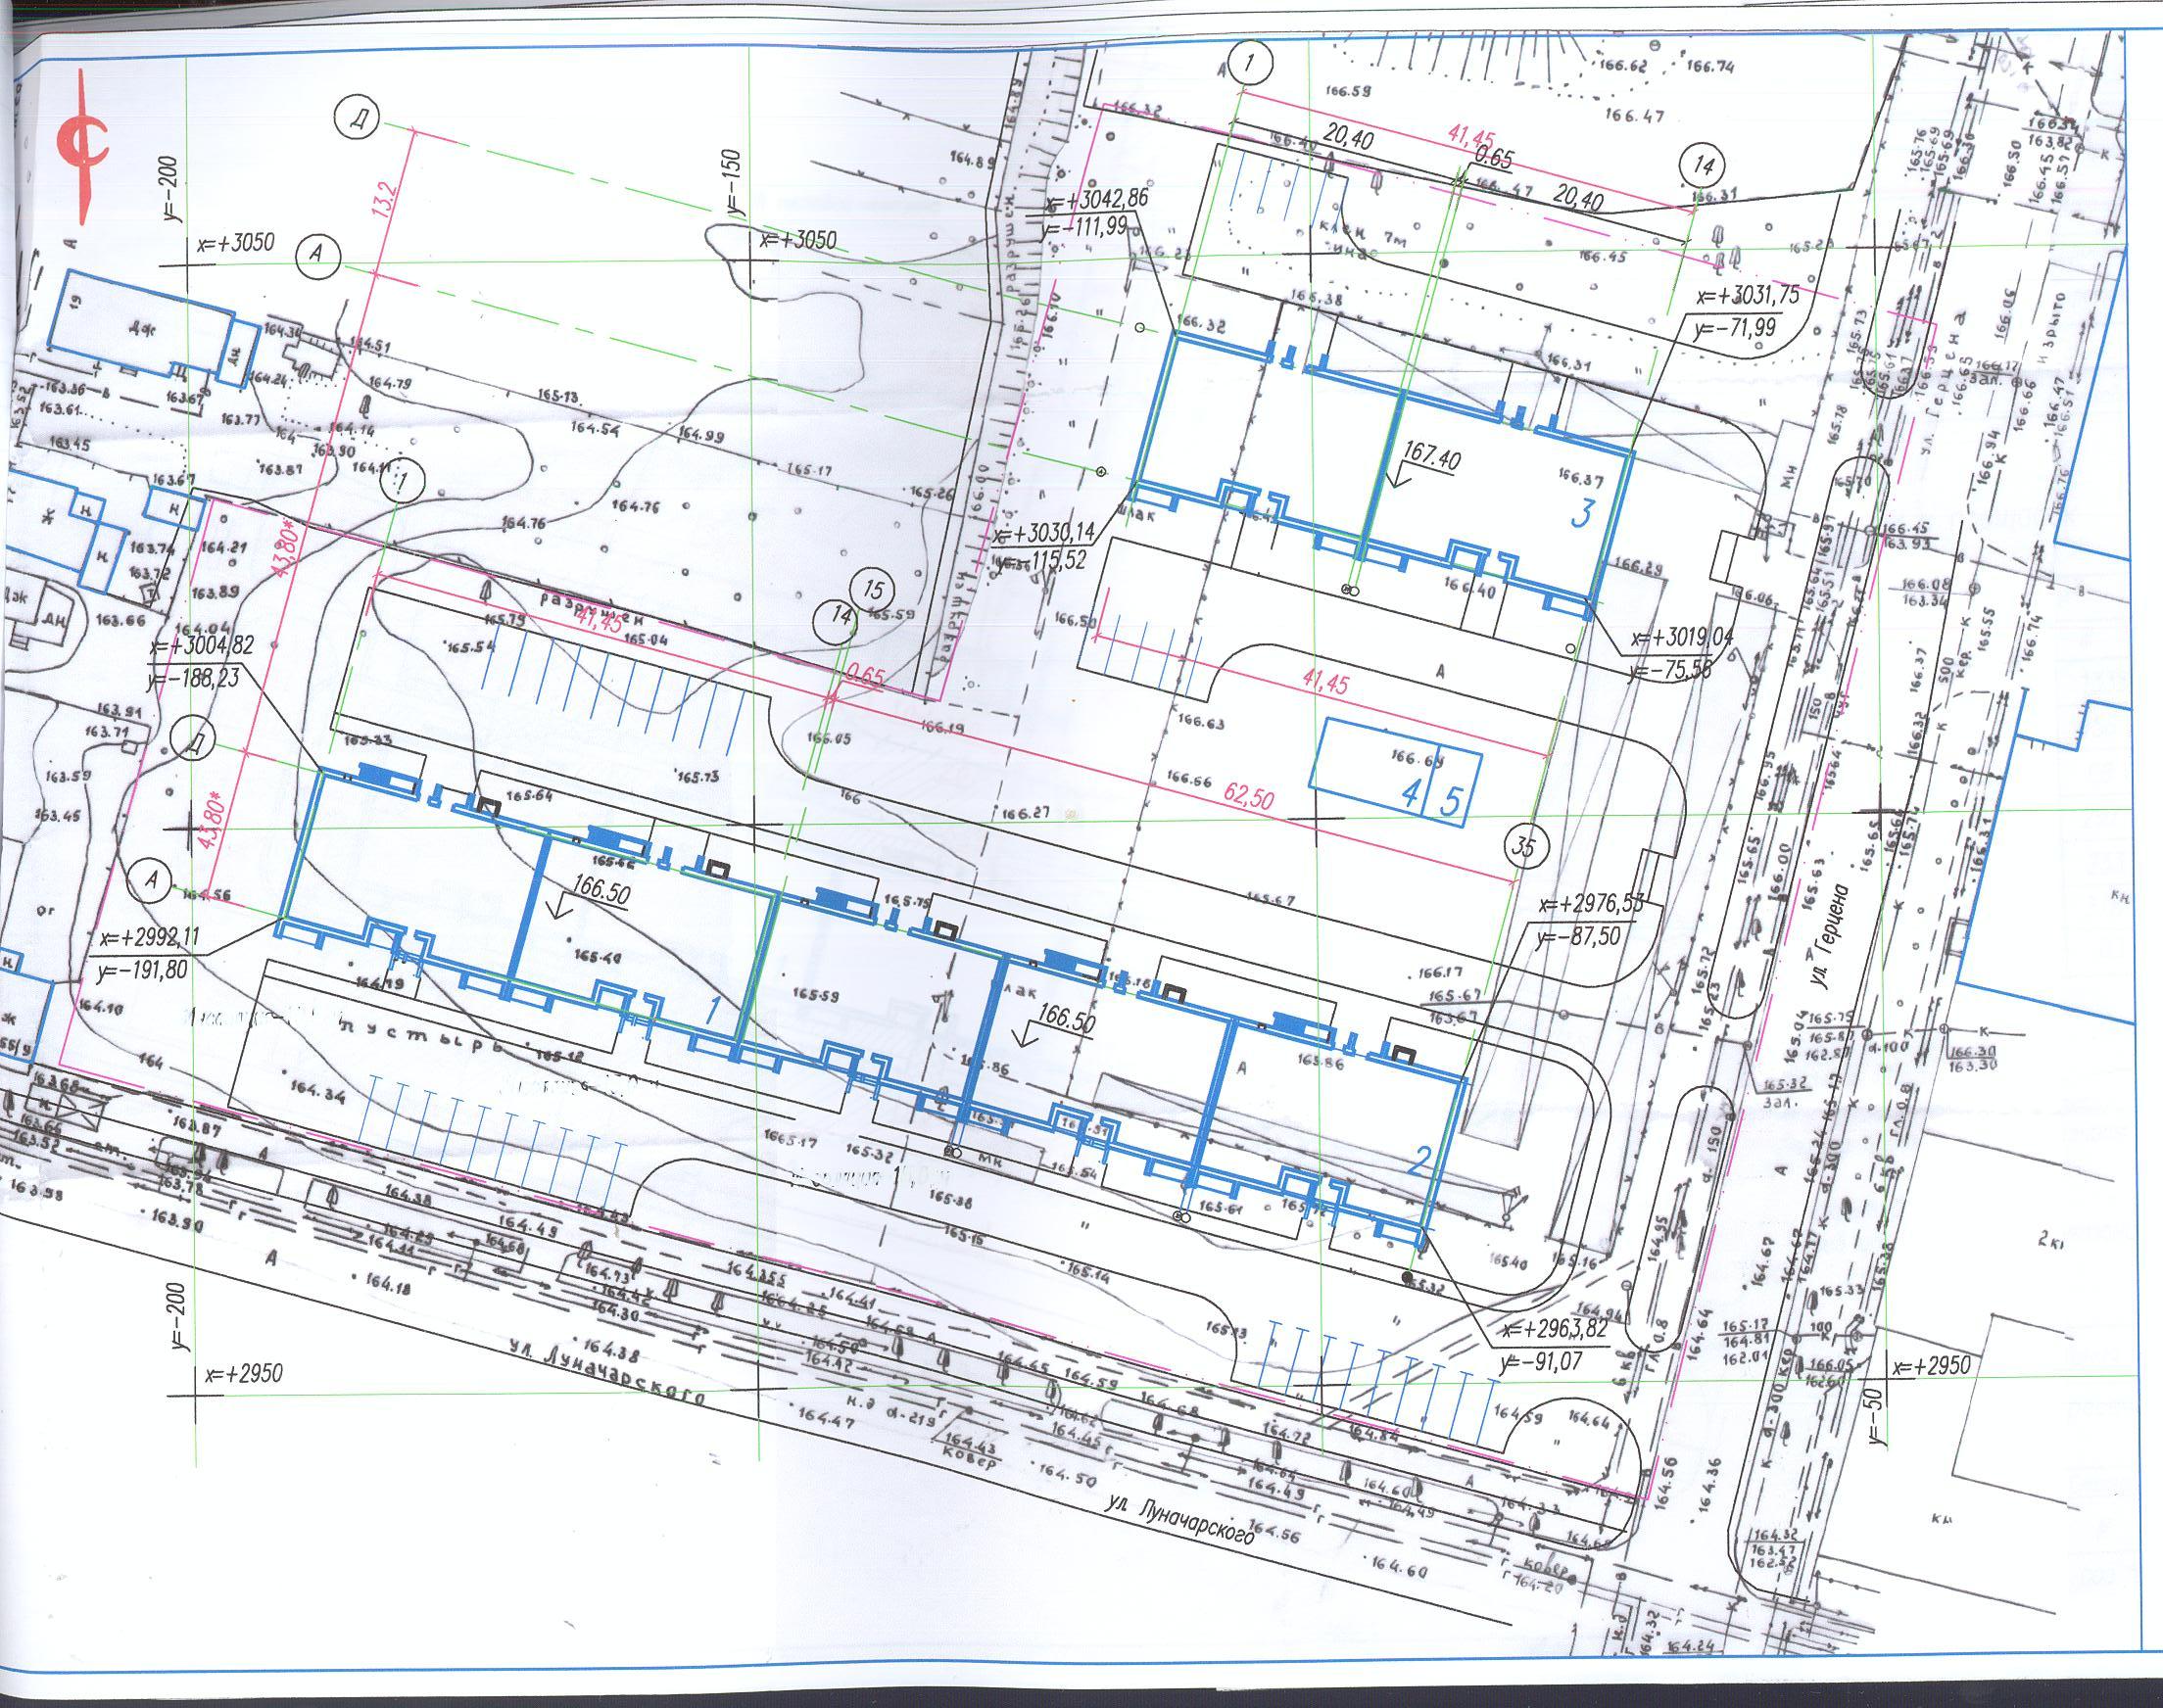 План строительства ЖК по улице Луначарского / Герцена г. Тулы.